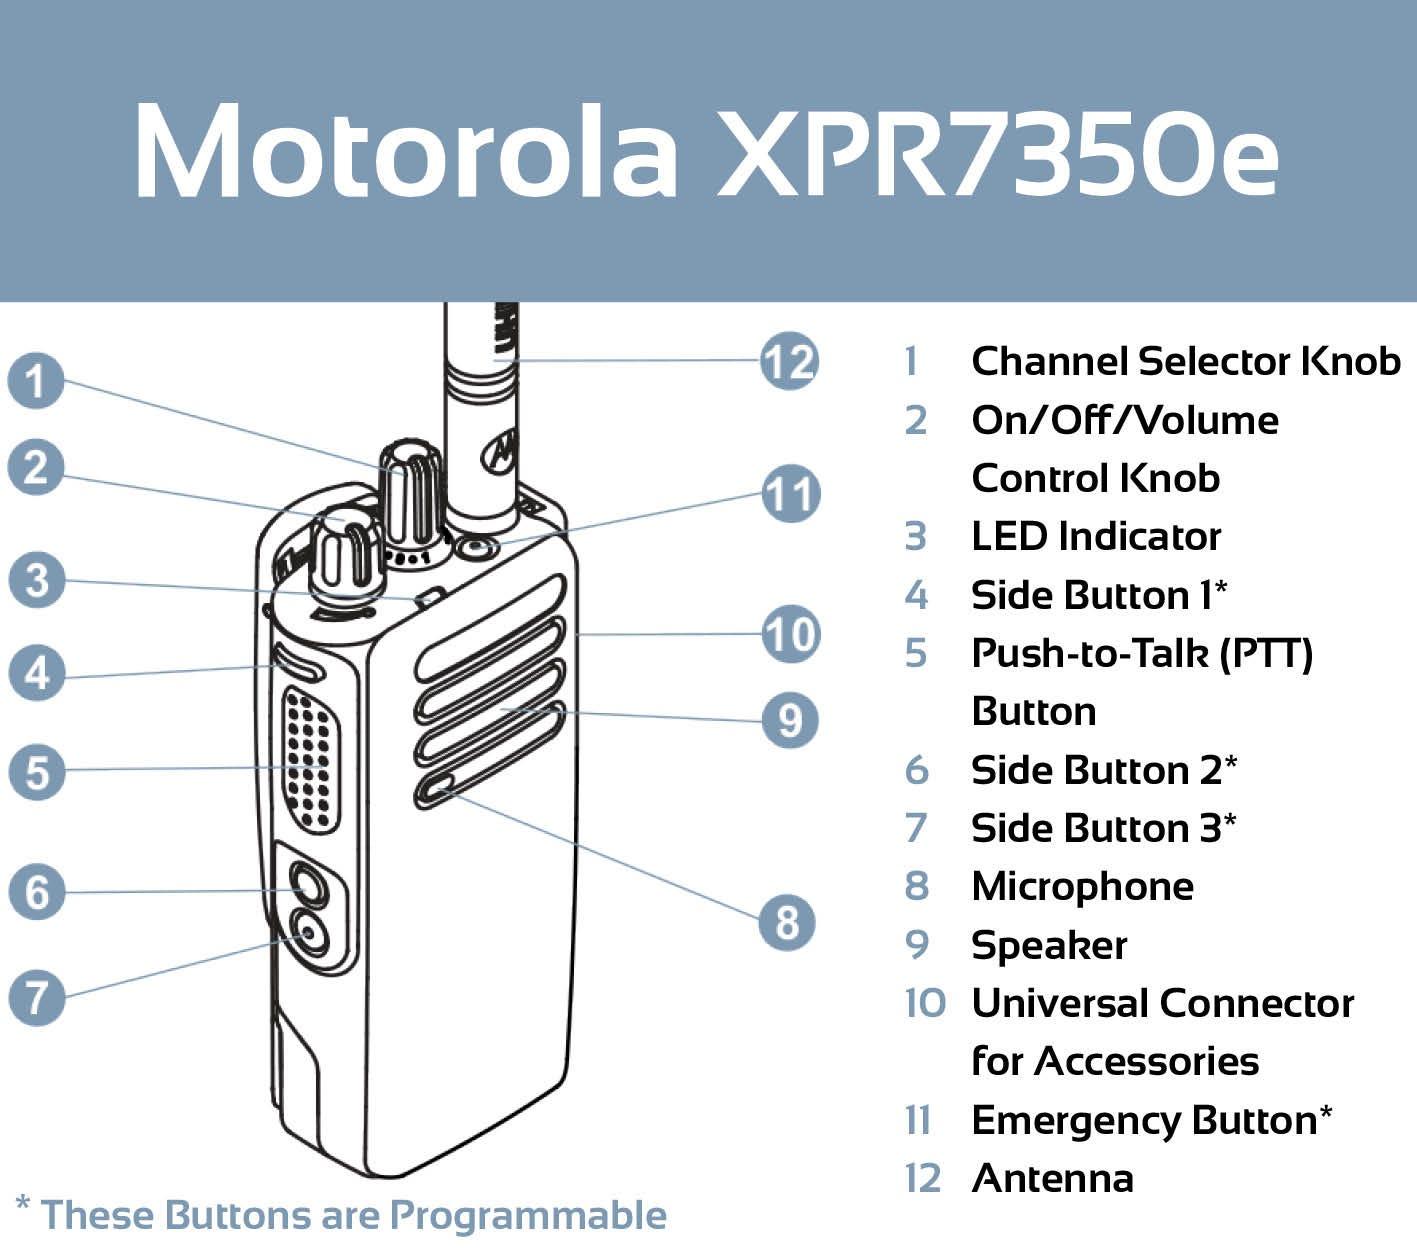 Motorola XPR 7350e Blueprint Controls